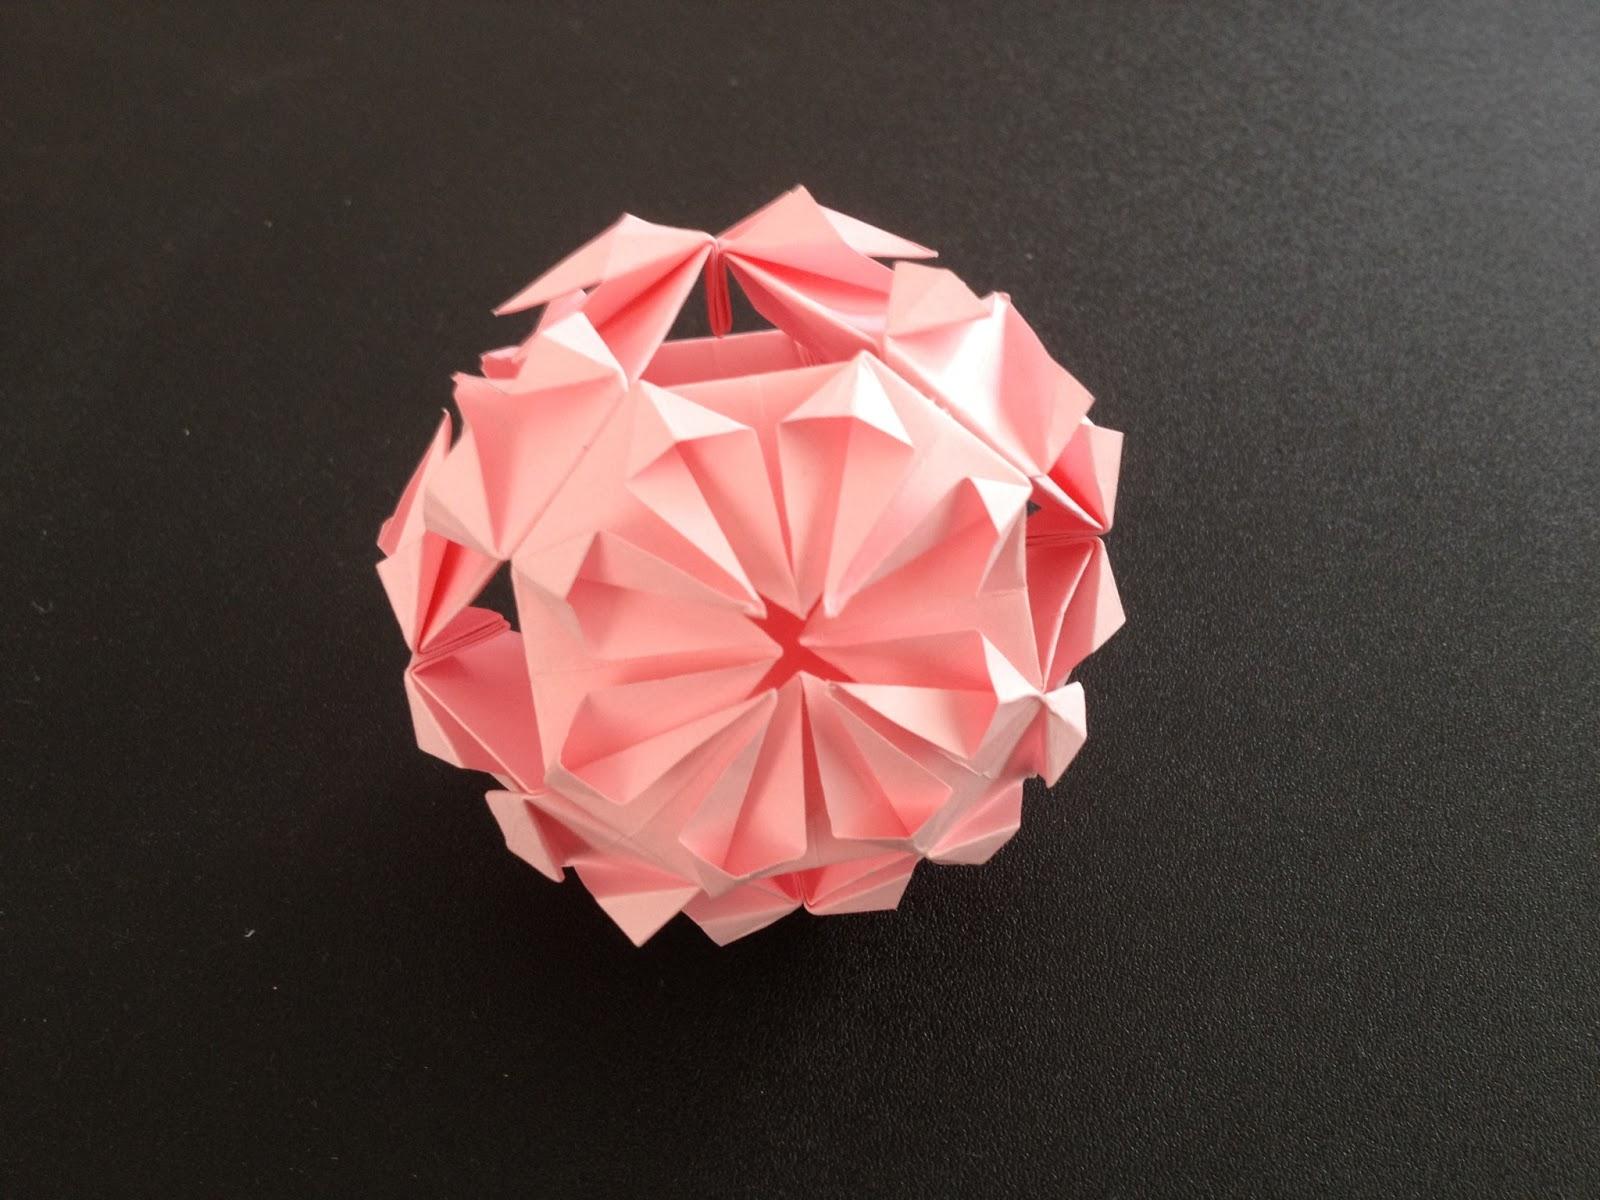 すべての折り紙 折り紙 蓮の花 折り方 : nurbyz's origami world: ORIGAMI 折り紙